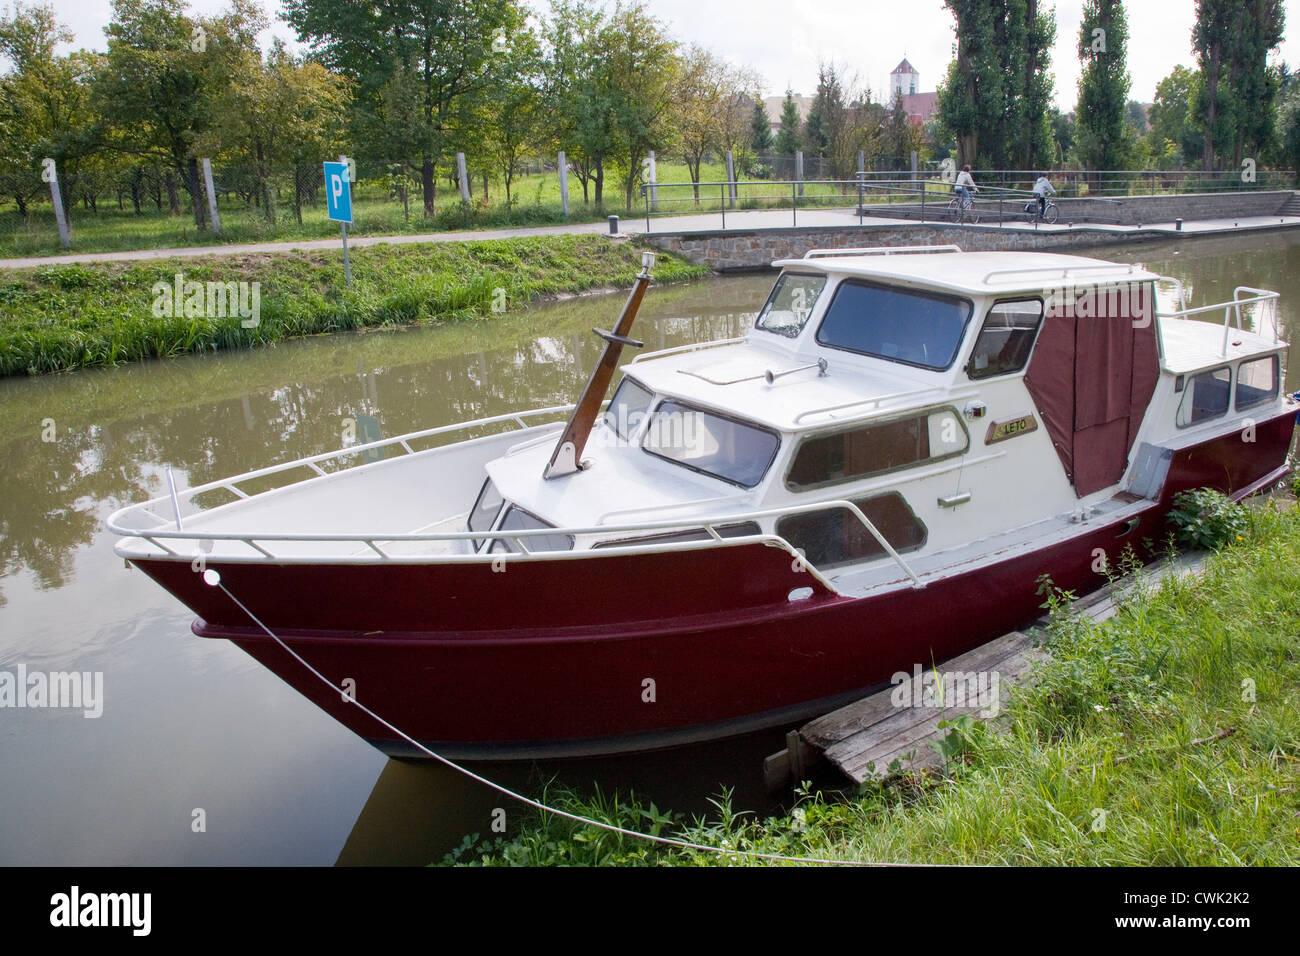 Batuv kanal, reka Morava, Straznice, Slovacko, Morava, Ceska republika Stock Photo